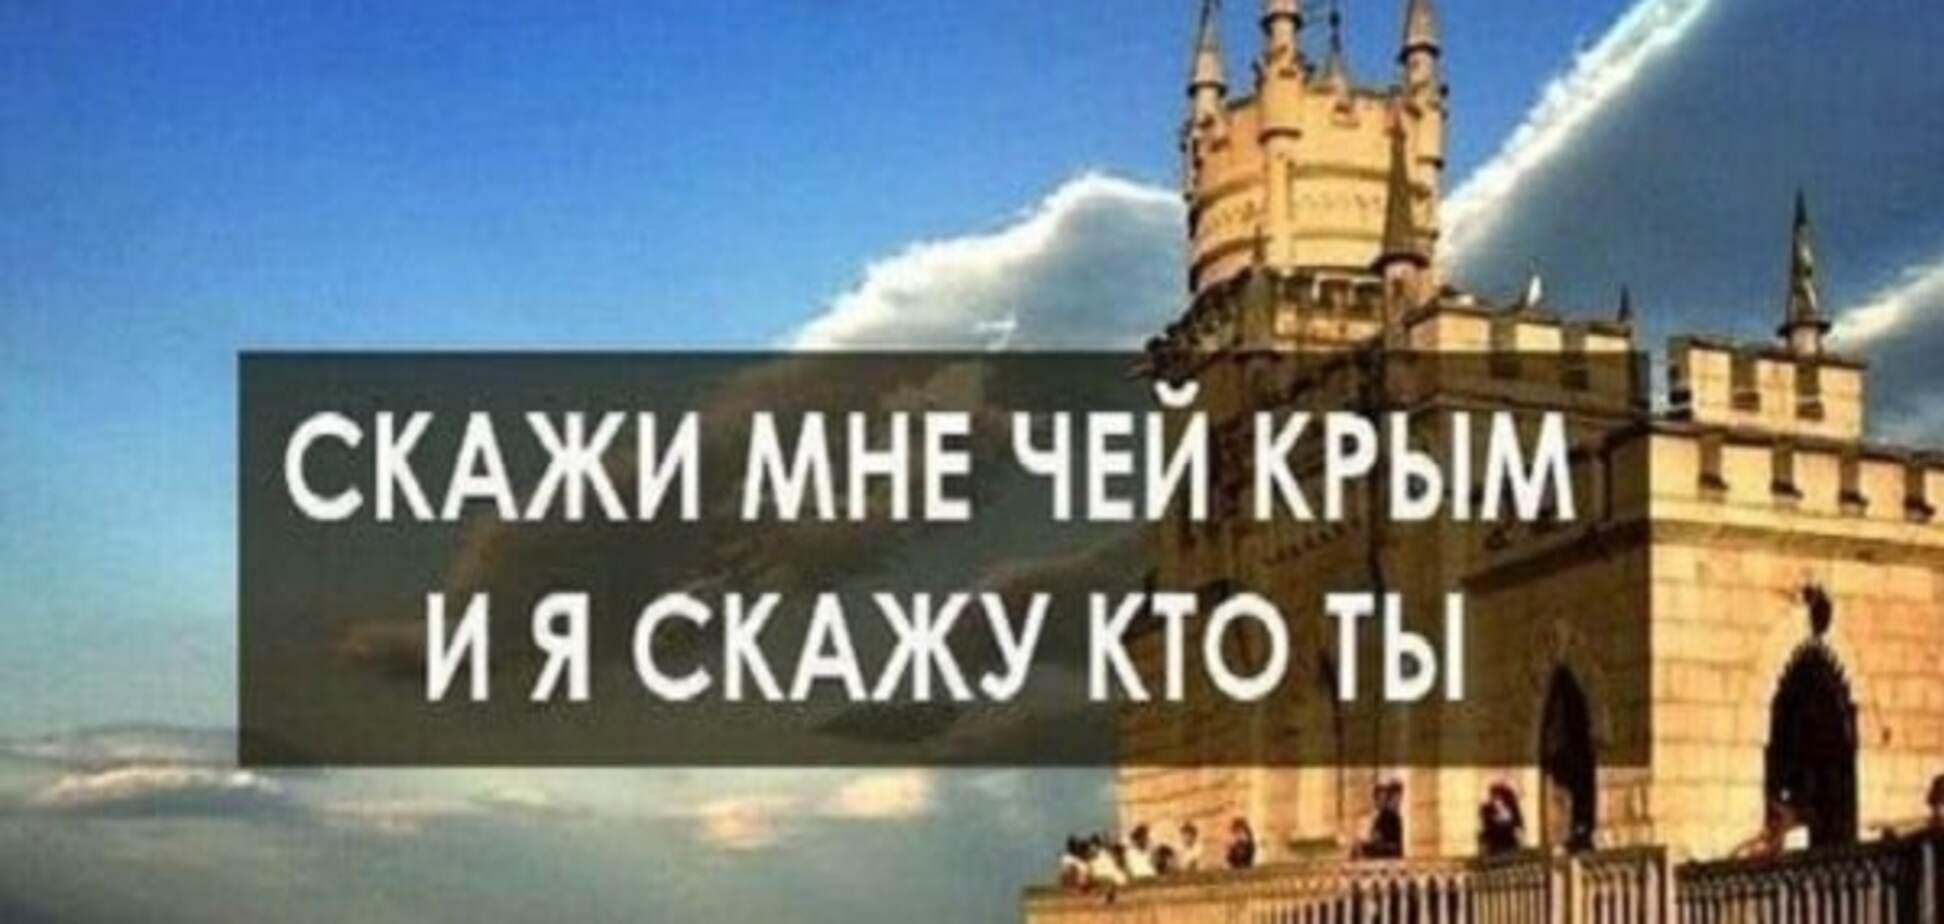 Крым – чей?